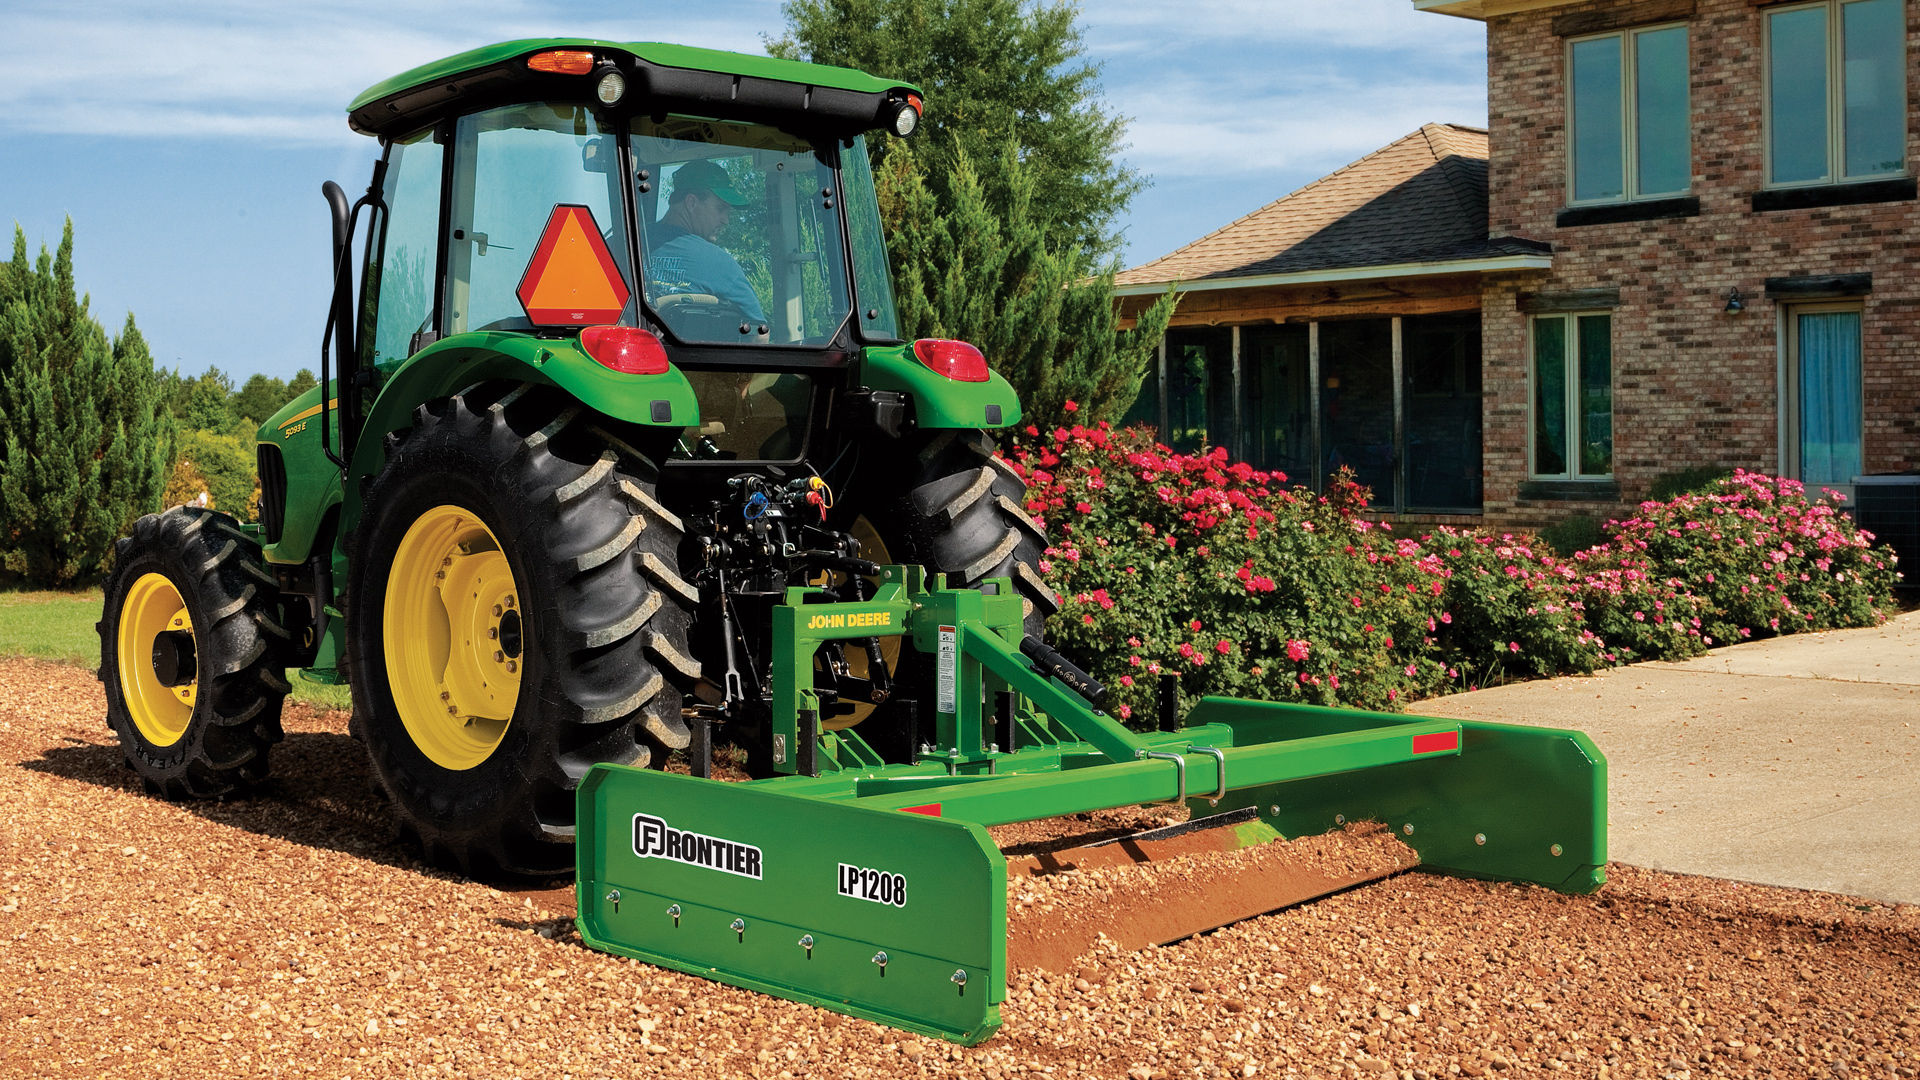 Frontier Landscaping Equipment | Koenig Equipment